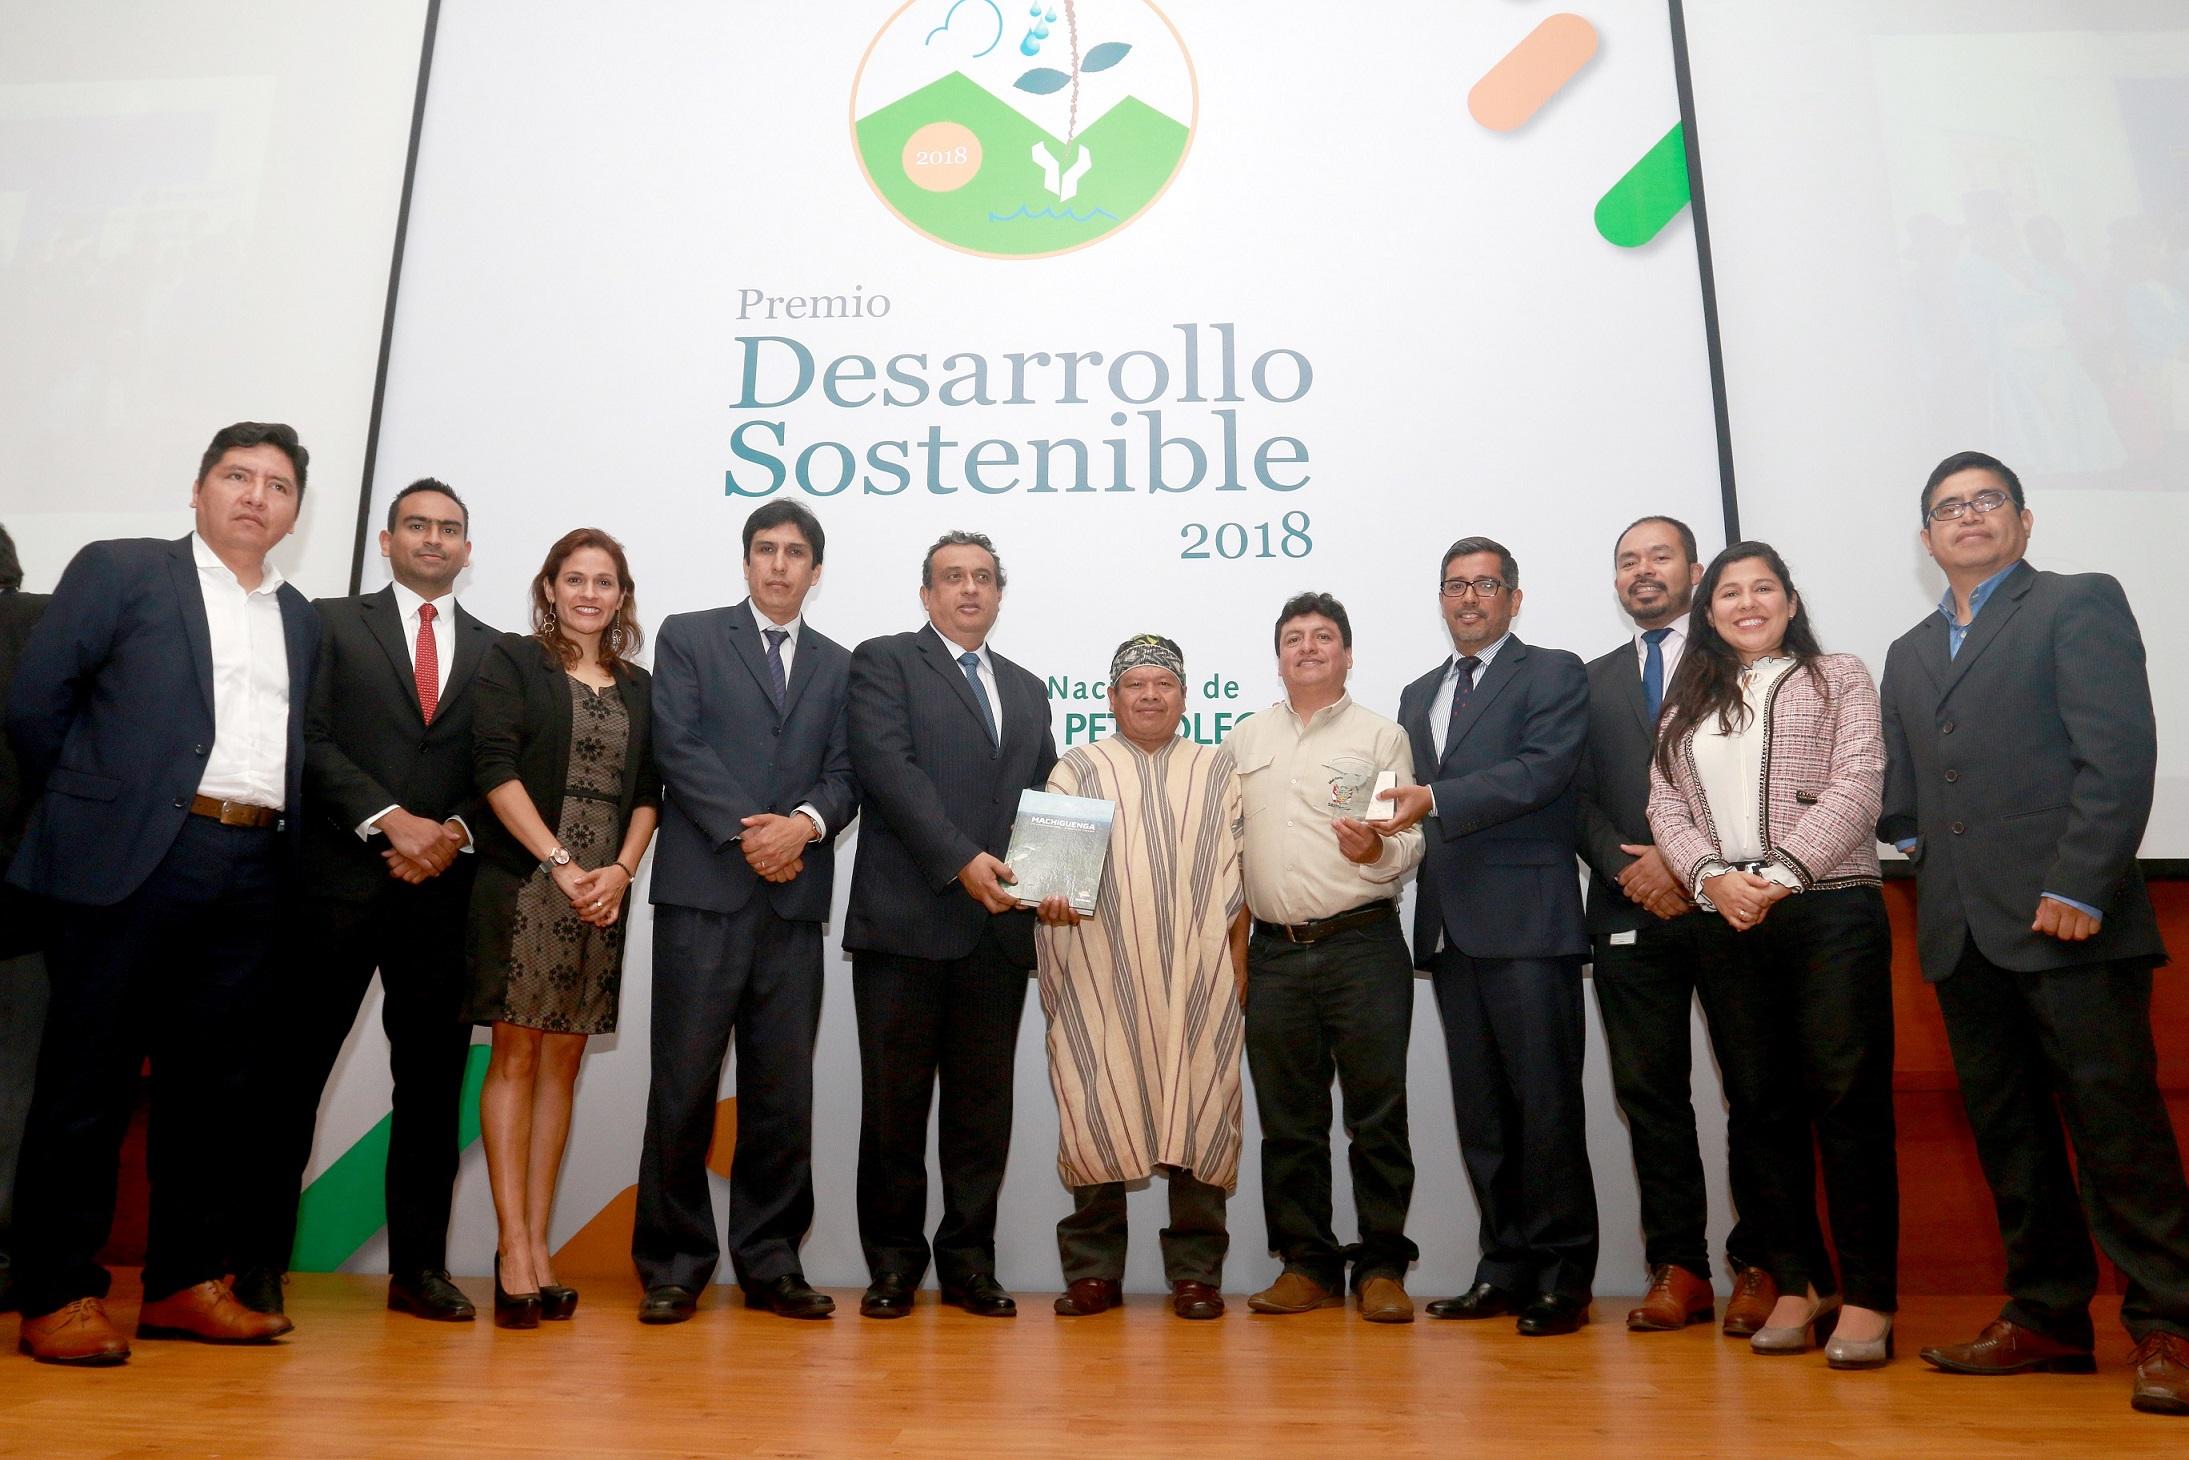 Repsol recibe premio al desarrollo sostenible otorgado por la sociedad nacional de minería, petróleo y energía